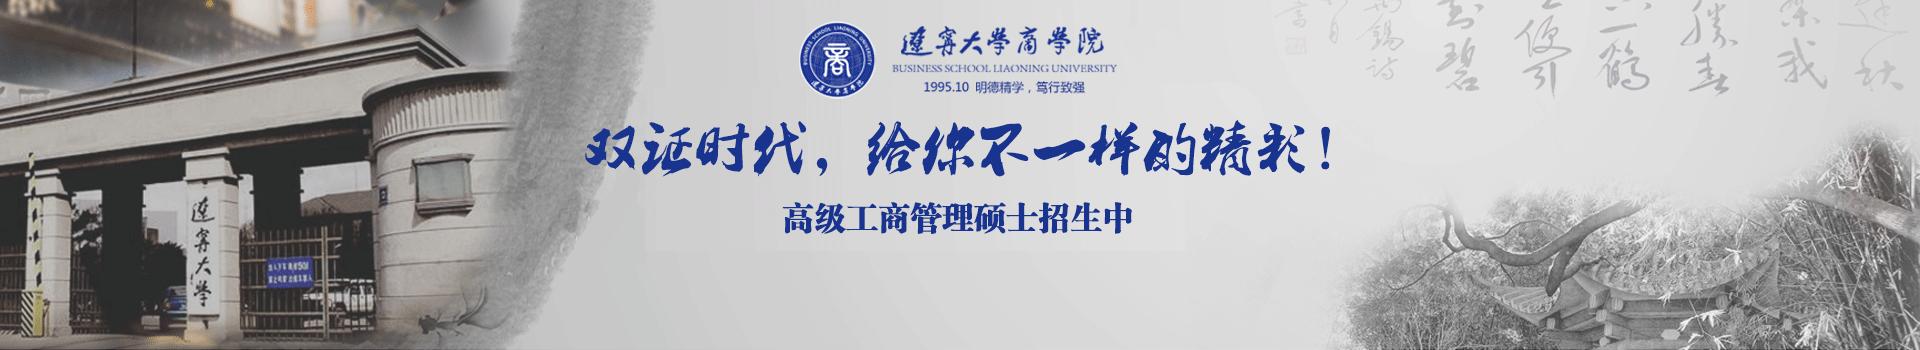 辽宁大学商学院高级工商管理硕士EMBA招生简章